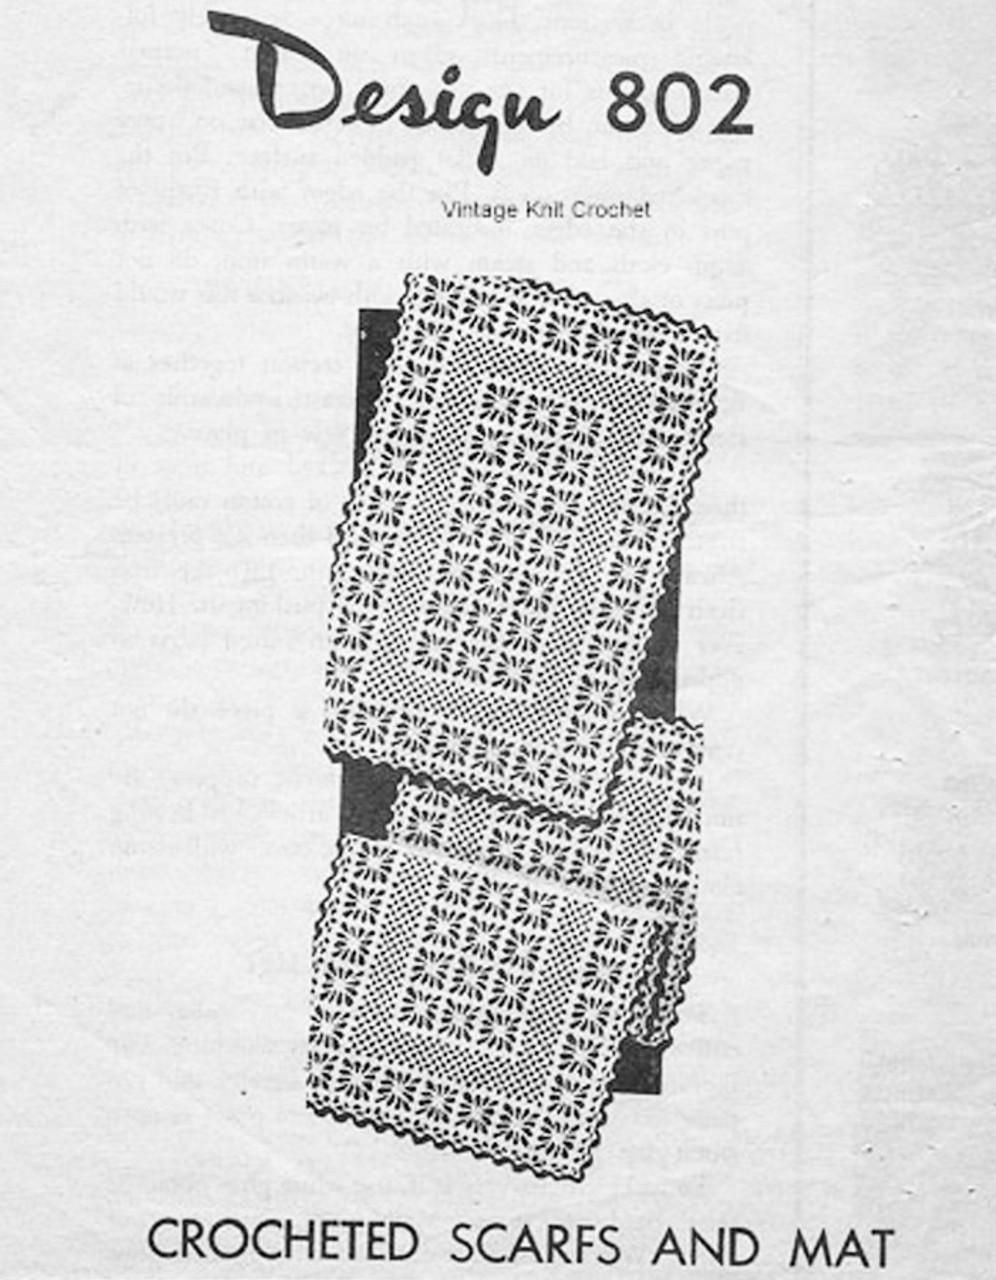 Crochet Spiderweb Scarf Pattern, Mail Order Design 802